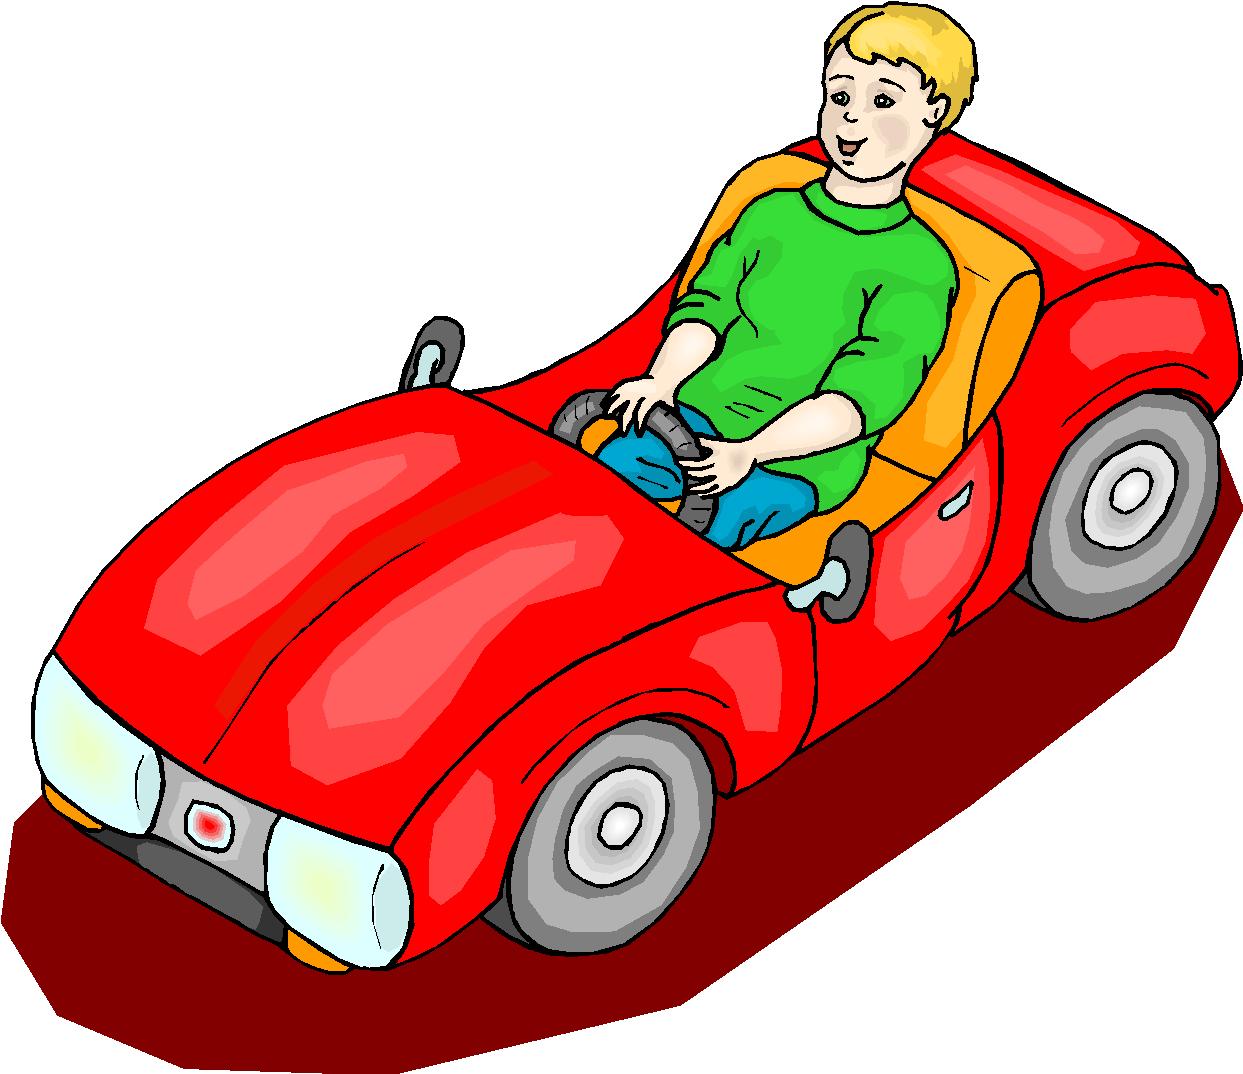 Boy Ride Mini Car Free Clipart